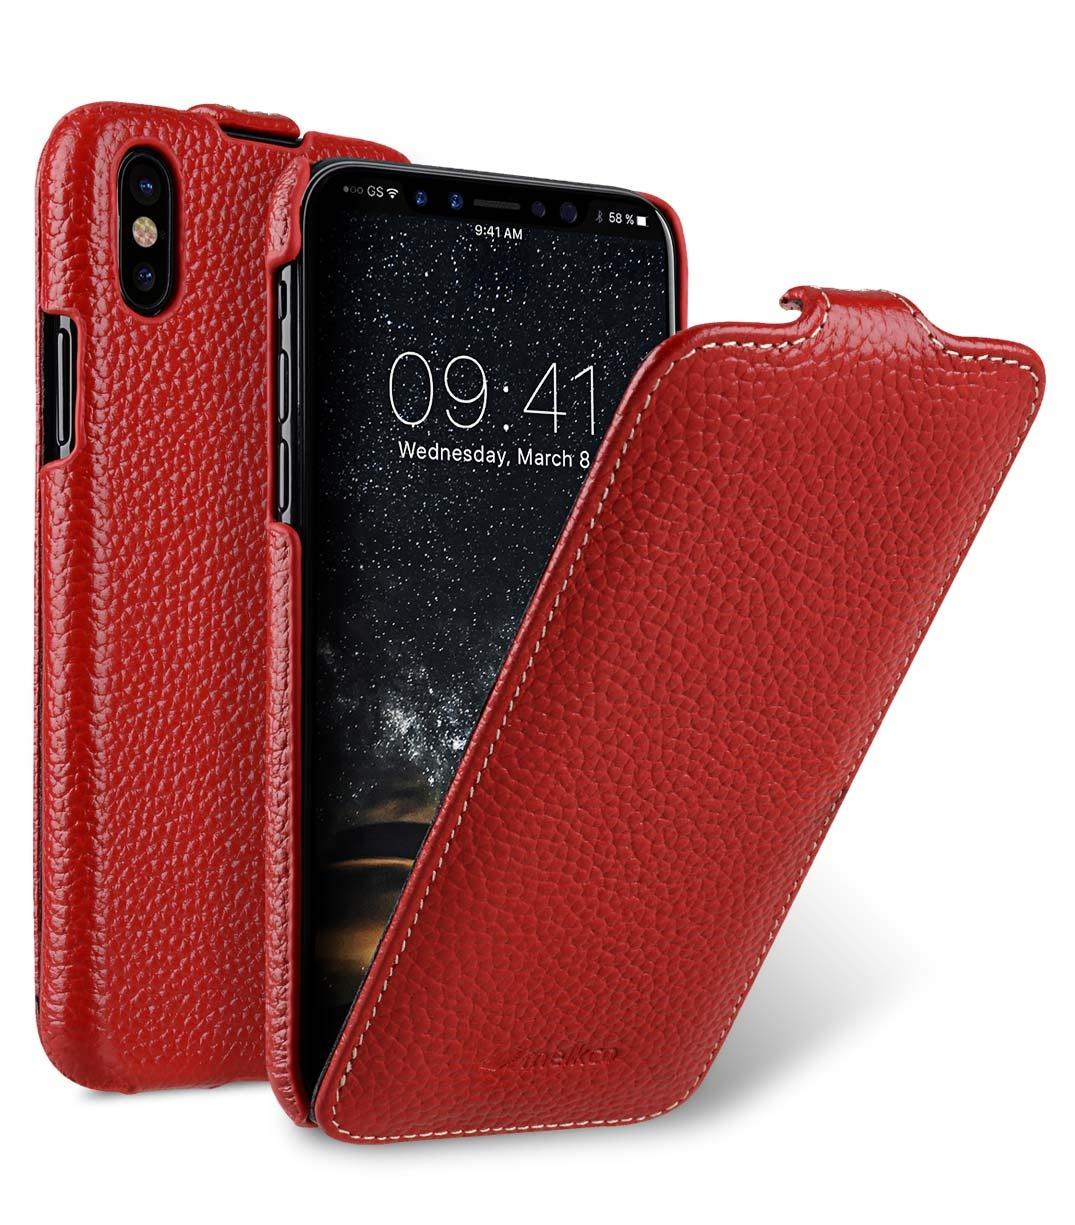 Чехол для сотового телефона Melkco Кожаный чехол флип для Apple iPhone X/XS - Jacka Type, красный чехол для сотового телефона melkco кожаный чехол флип для apple iphone x xs jacka type сиреневый